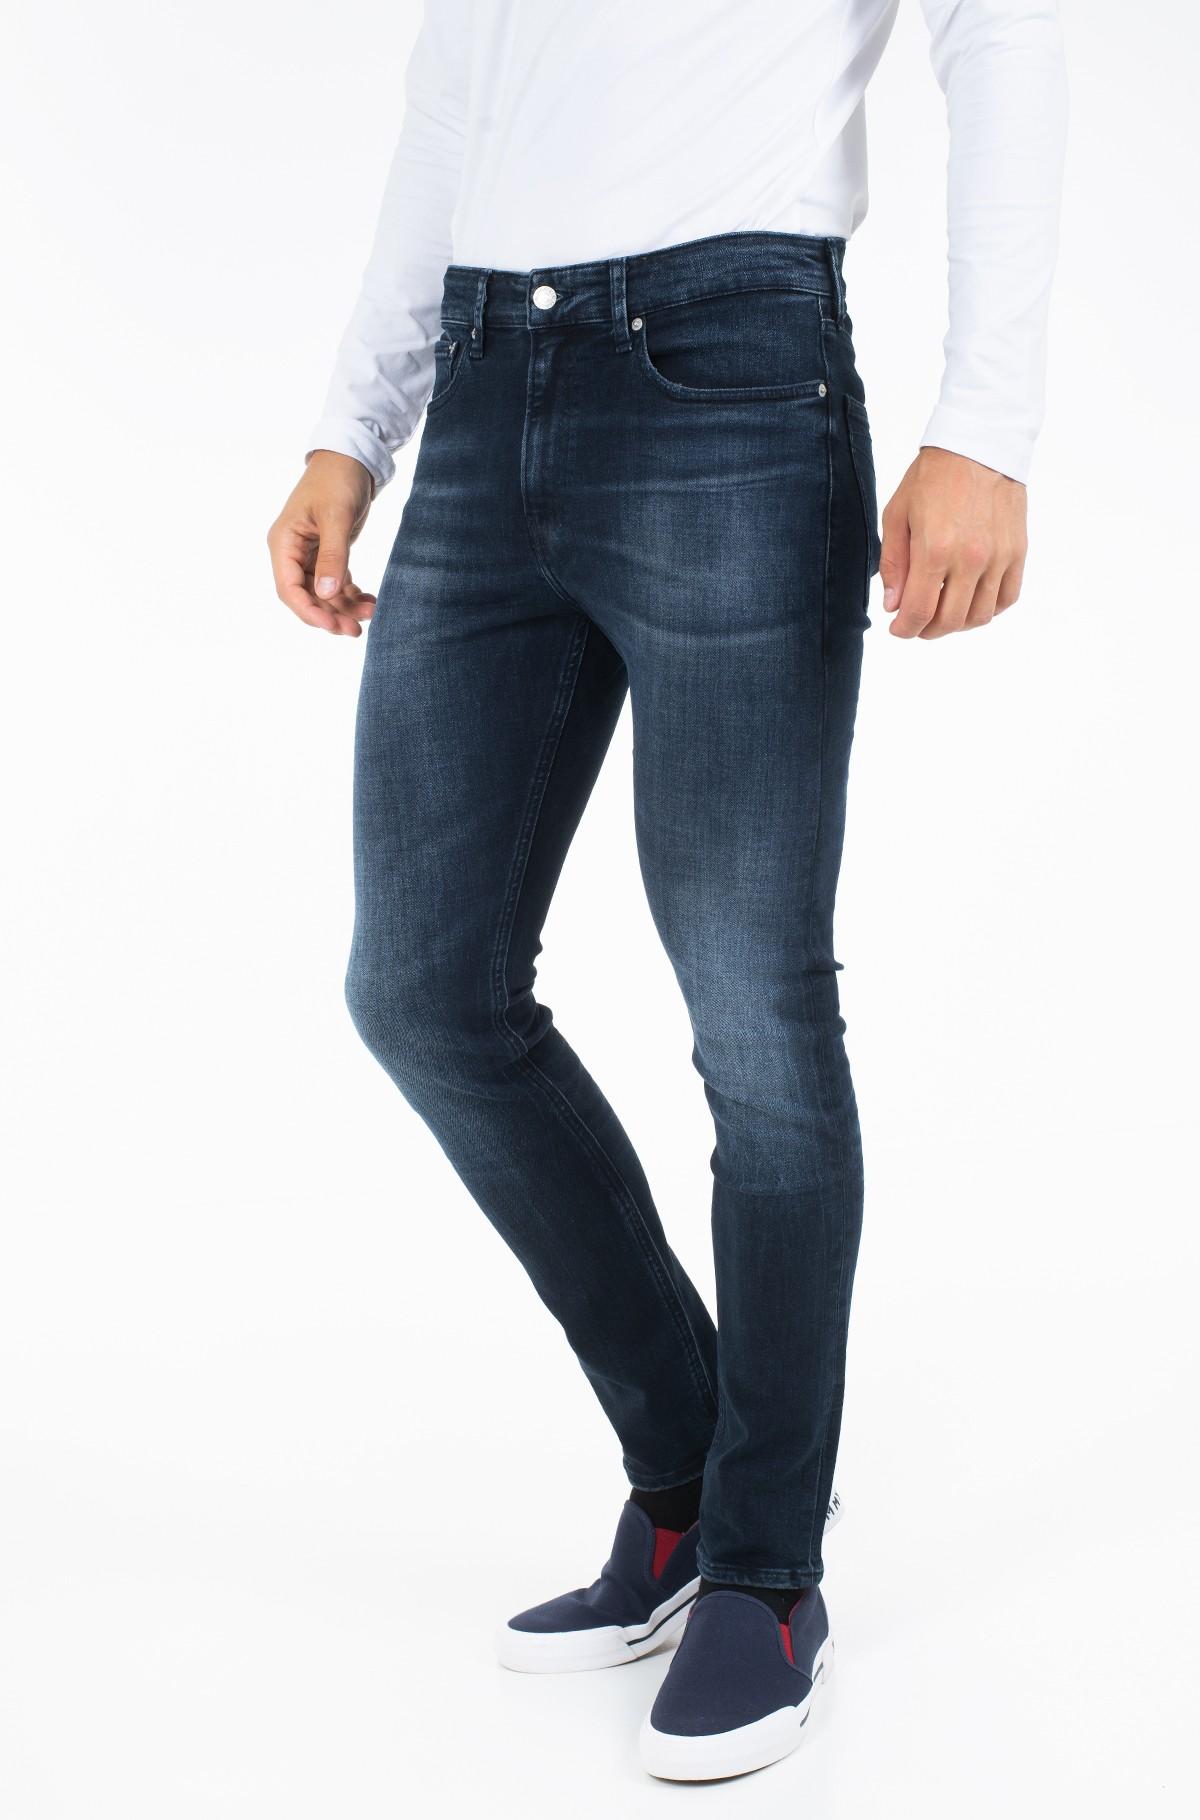 Džinsinės kelnės CKJ 016 SKINNY-full-1